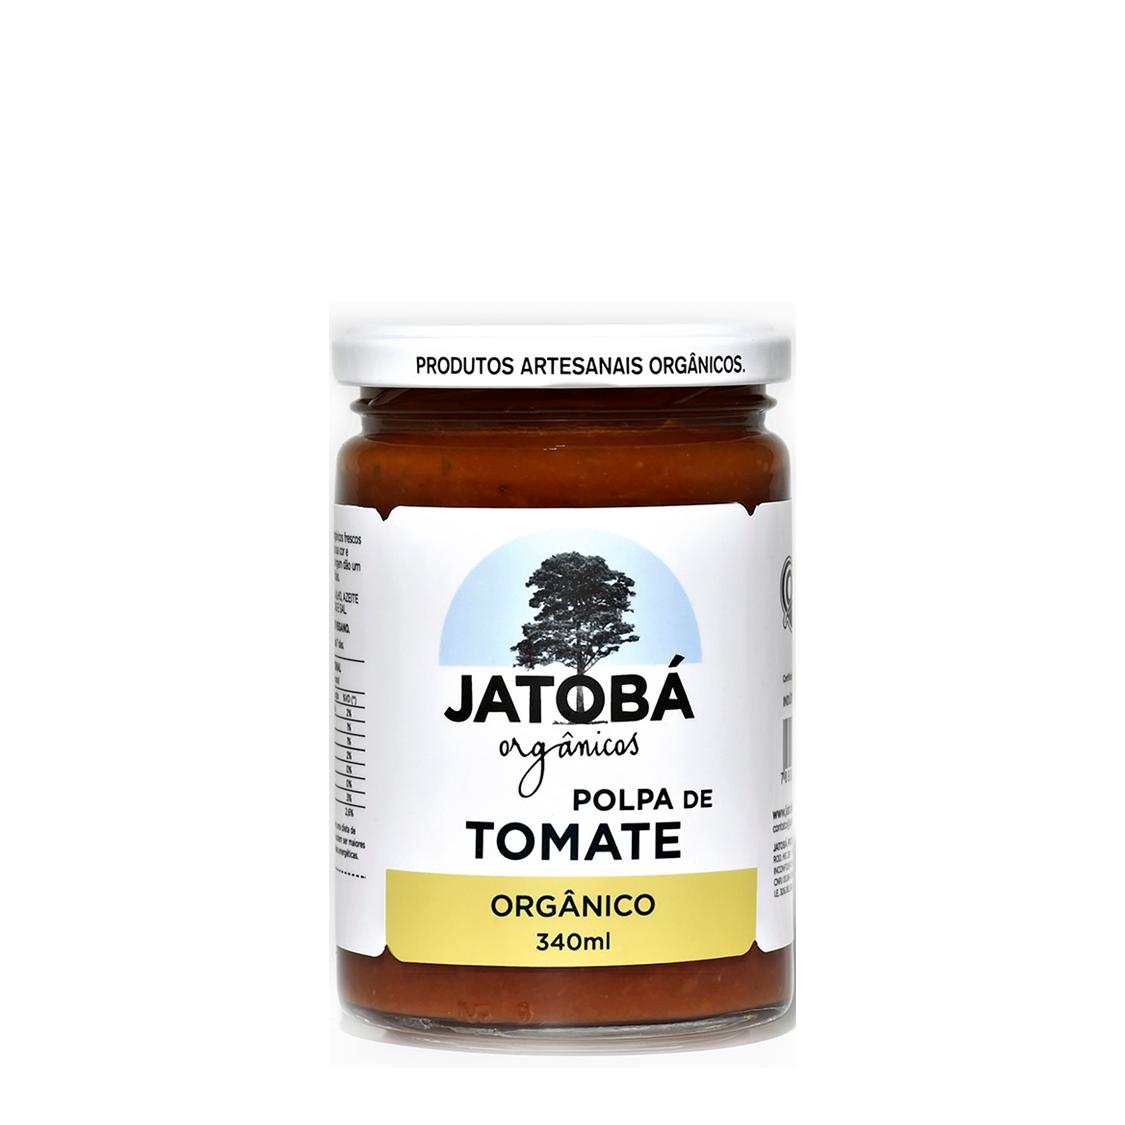 Polpa de Tomate (340ml) – Jatobá